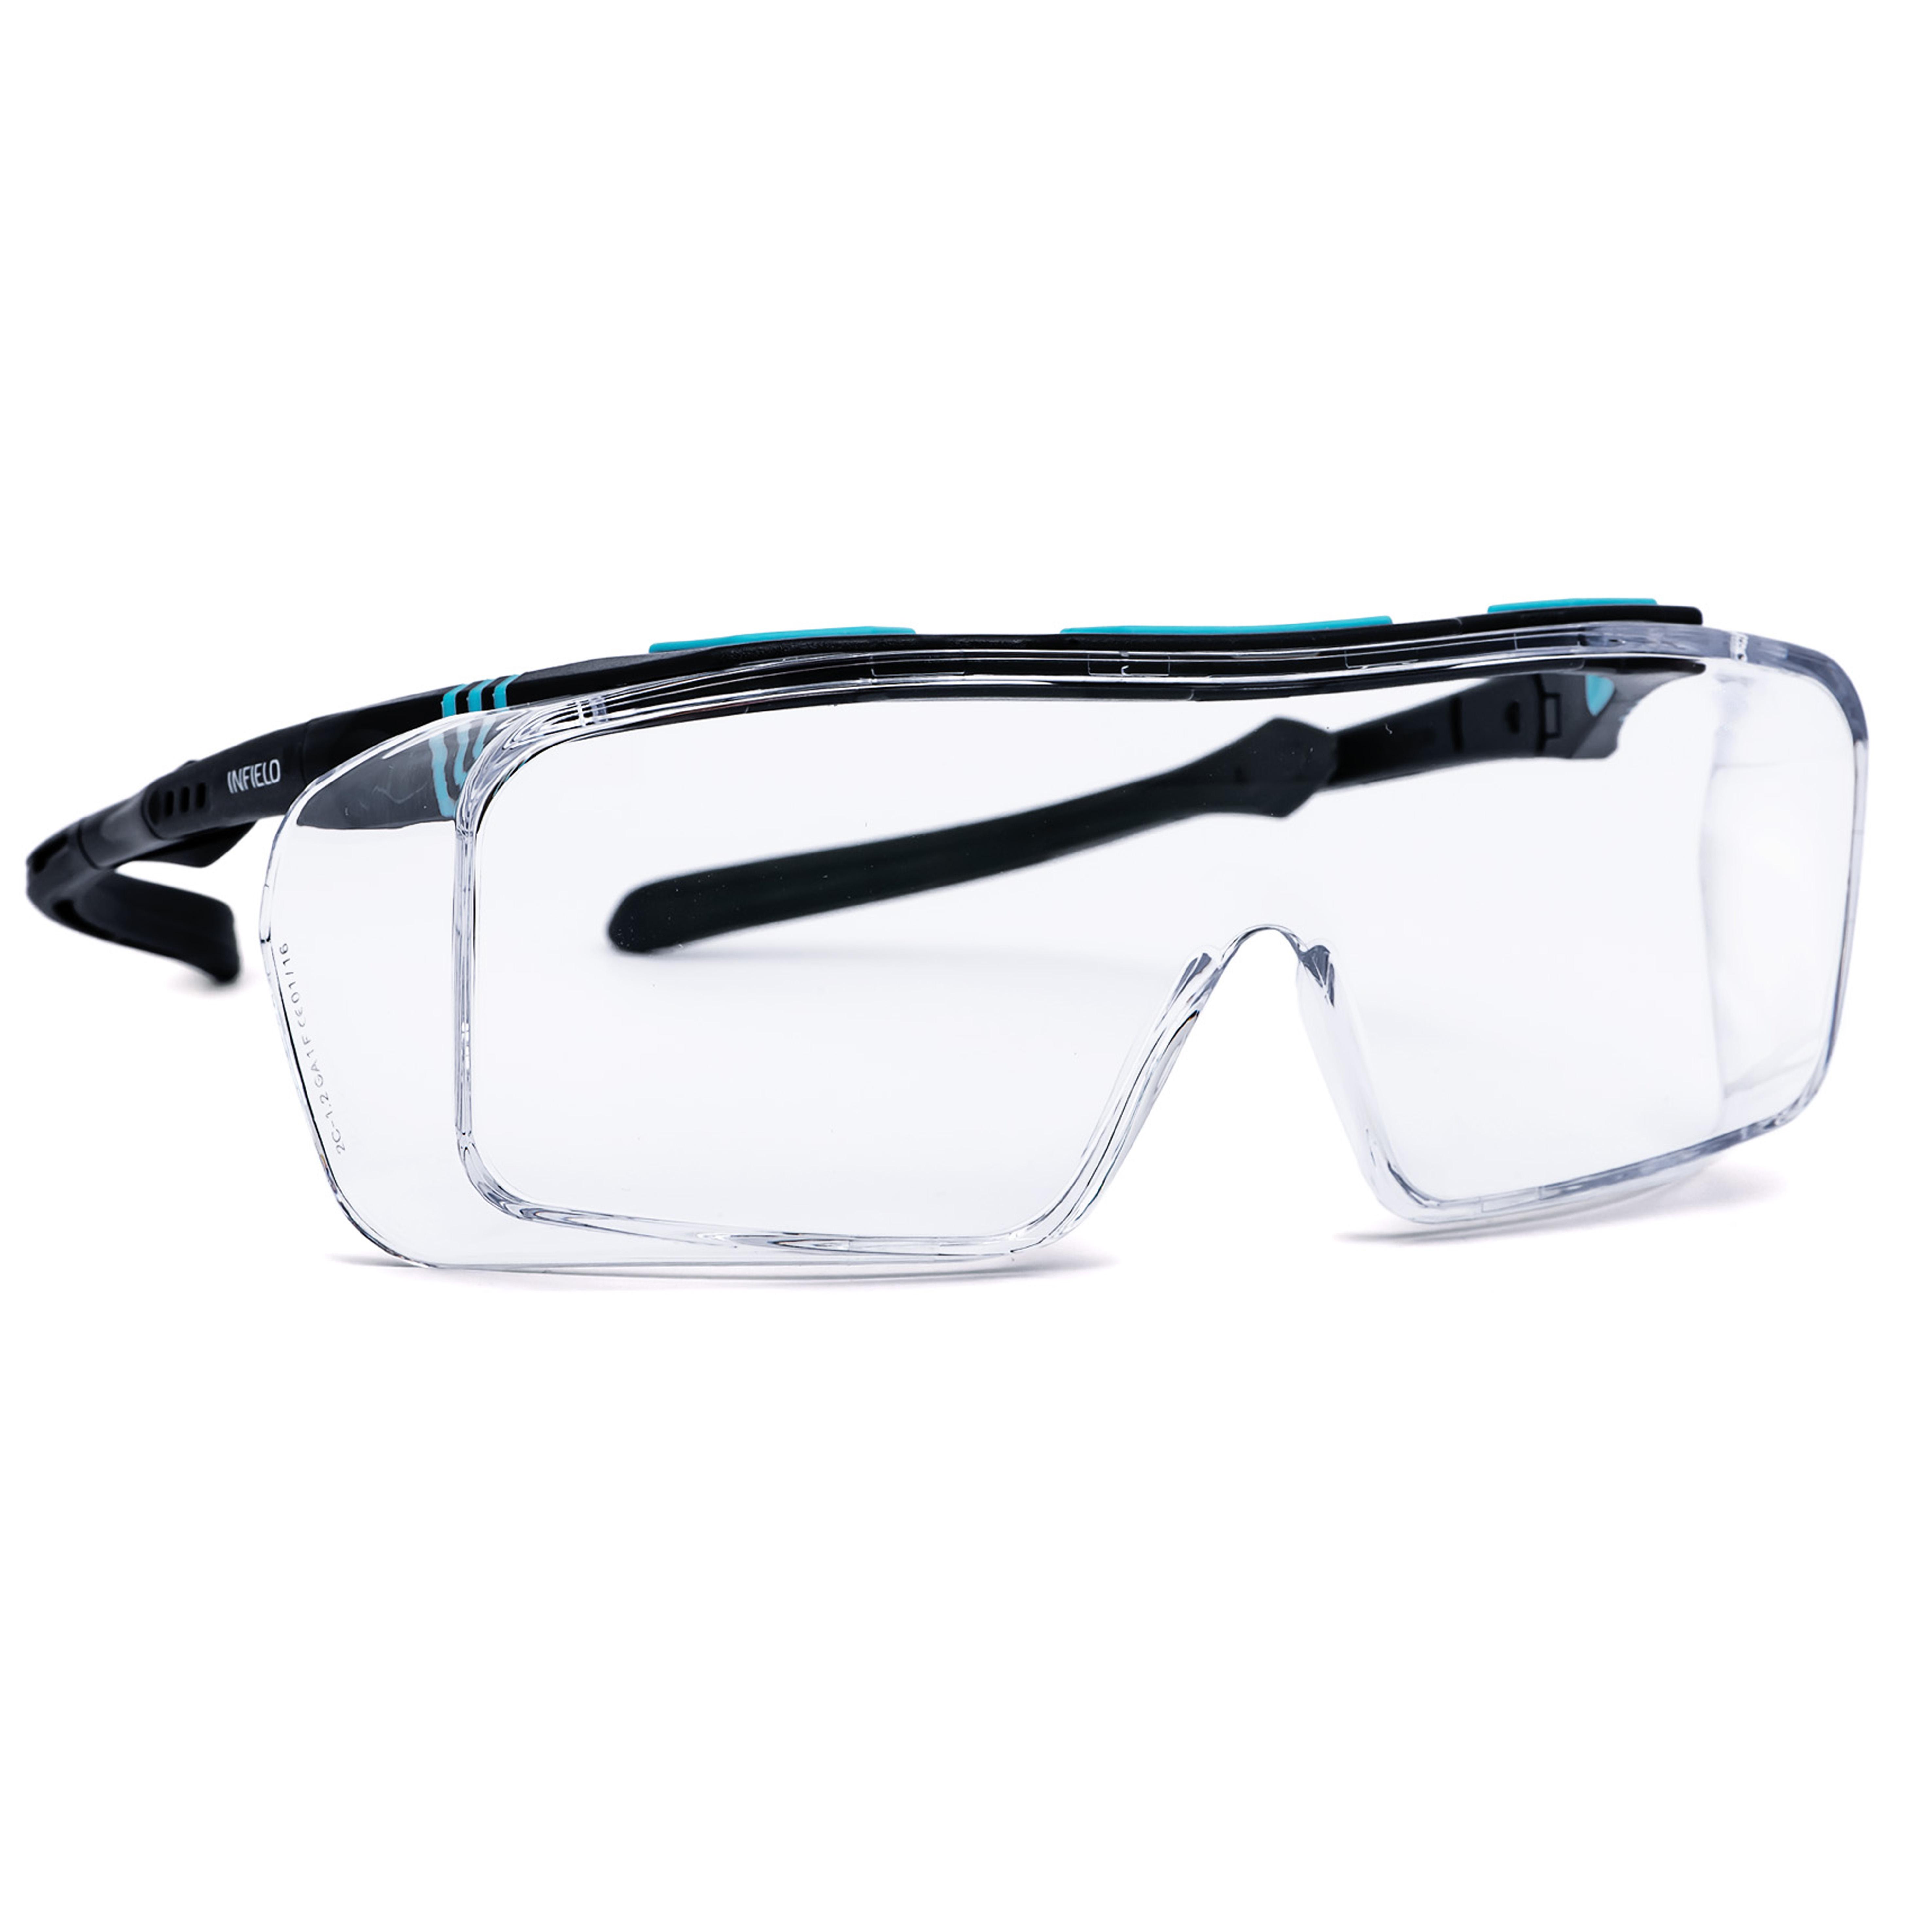 Schutzbrille für Brillenträger, schwarz/türkis